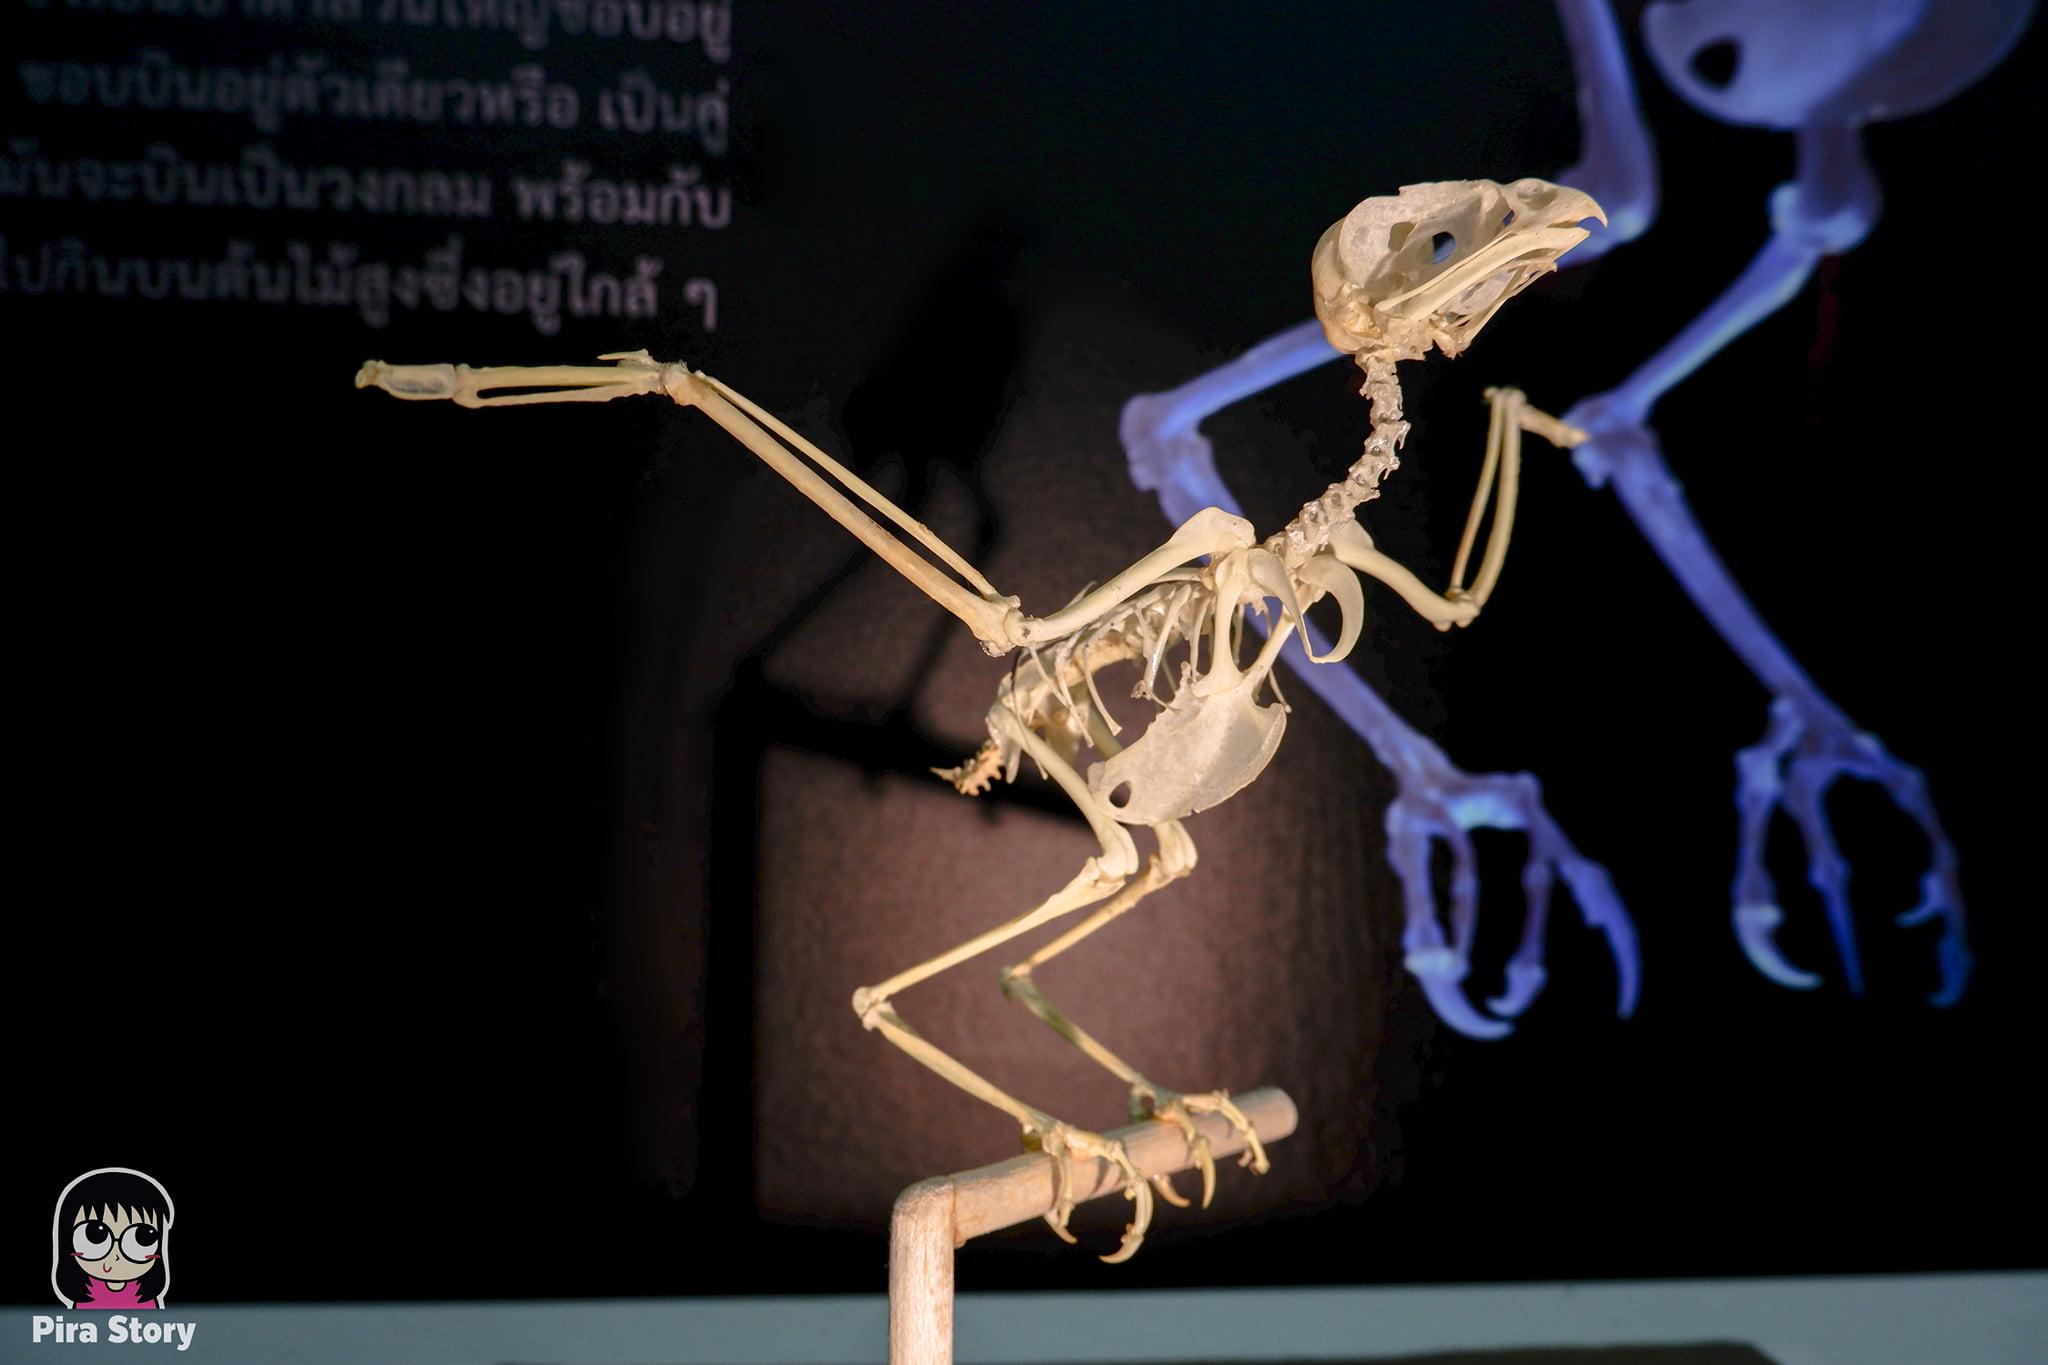 ความลับของโครงกระดูก Skeleton's Secrets ศึกษากายวิภาคสัตว์ ที่พิพิธภัณฑ์ จุฬาลงกรณ์มหาวิทยาลัย คณะวิทยาศาสตร์ ชีววิทยา Night at the museum 2020 เที่ยวพิพิธภัณฑ์ เที่ยวกรุงเทพ สยาม กระดูกสัตว์ กายวิภาคศาสตร์ โครงสร้างร่างกาย โครงสร้างกระดูก สัตว์เลี้ยงลูกด้วยนม สัตว์มีกระดูกสันหลัง กระดูกนกแสก นกแสก นกฮูก นกเค้าแมว